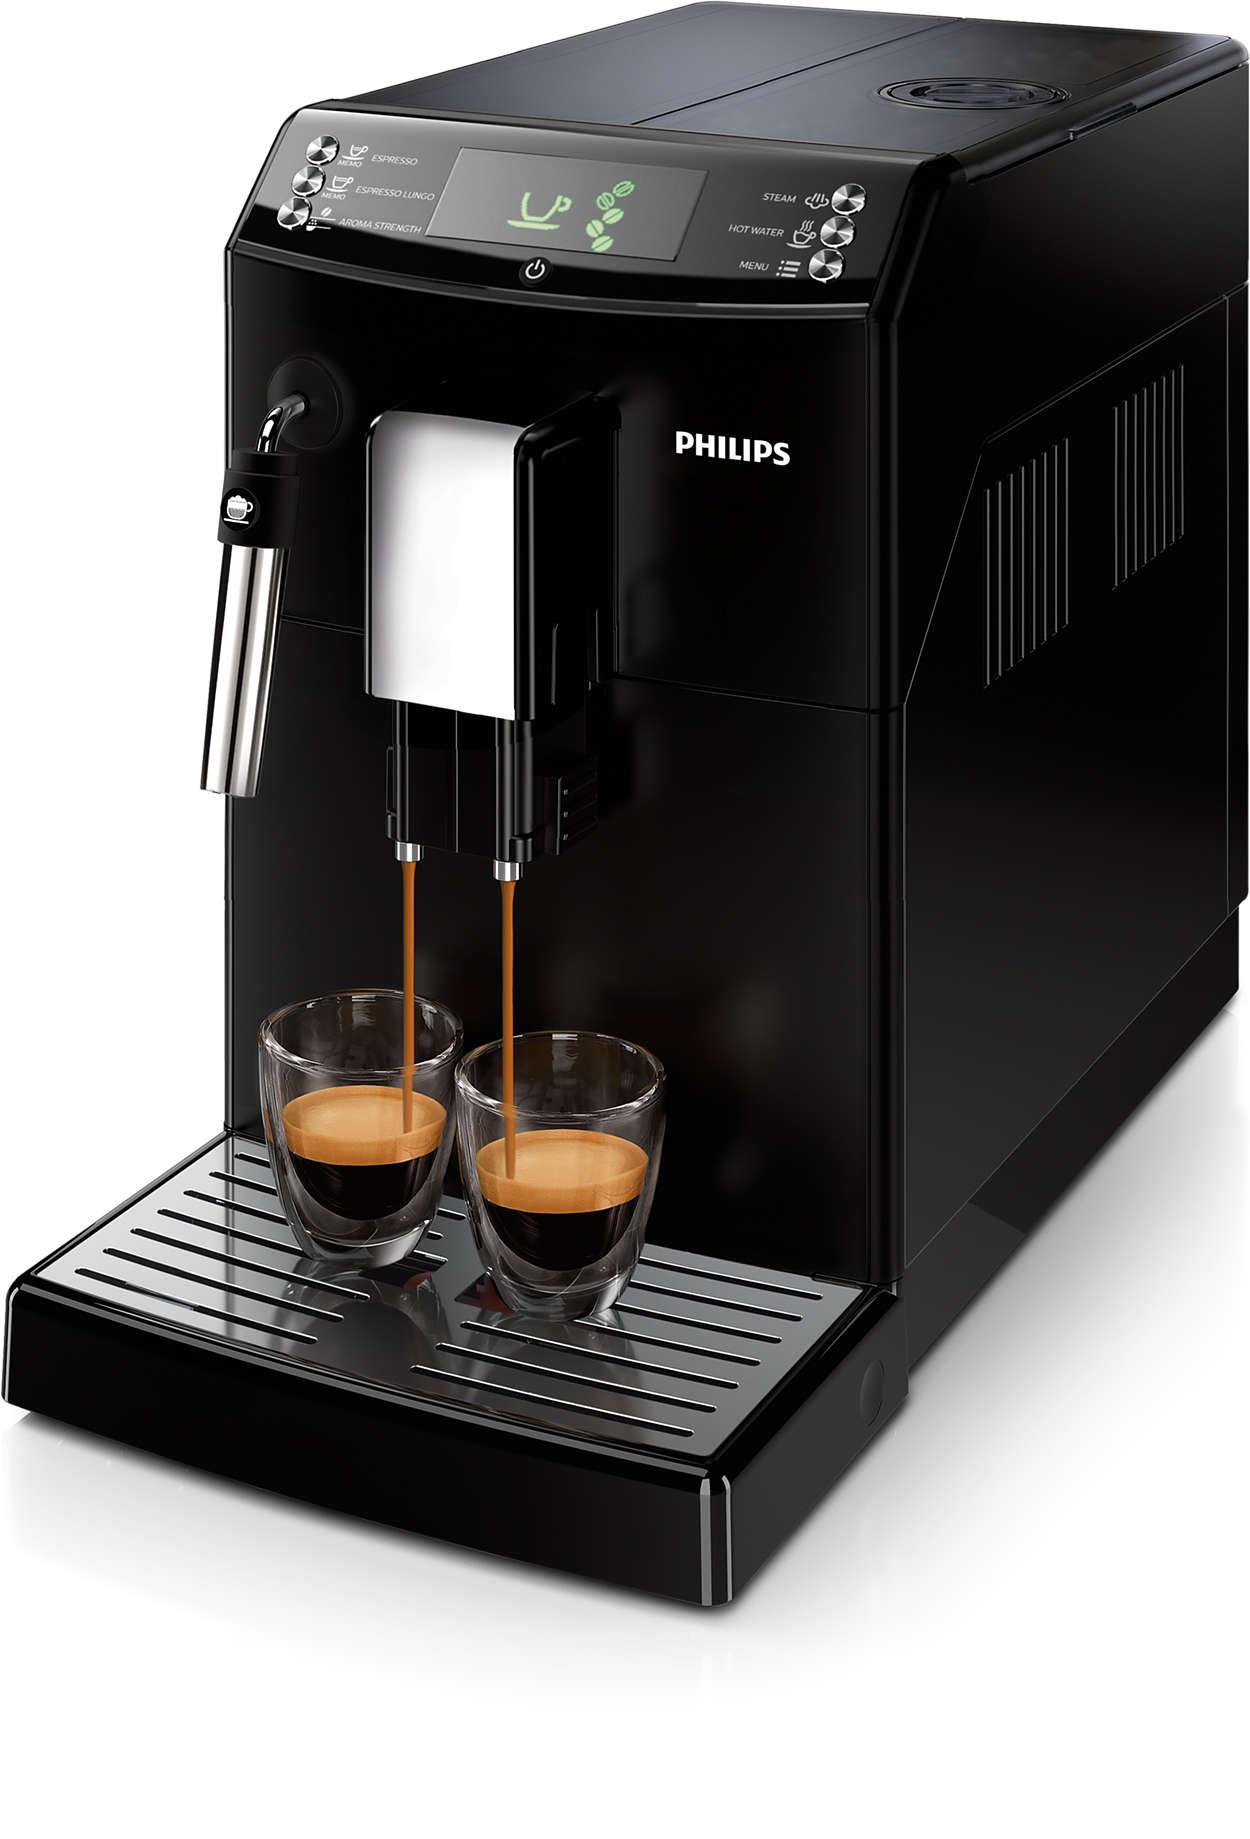 Kawa za jednym dotknięciem — dokładnie taka, jak lubisz